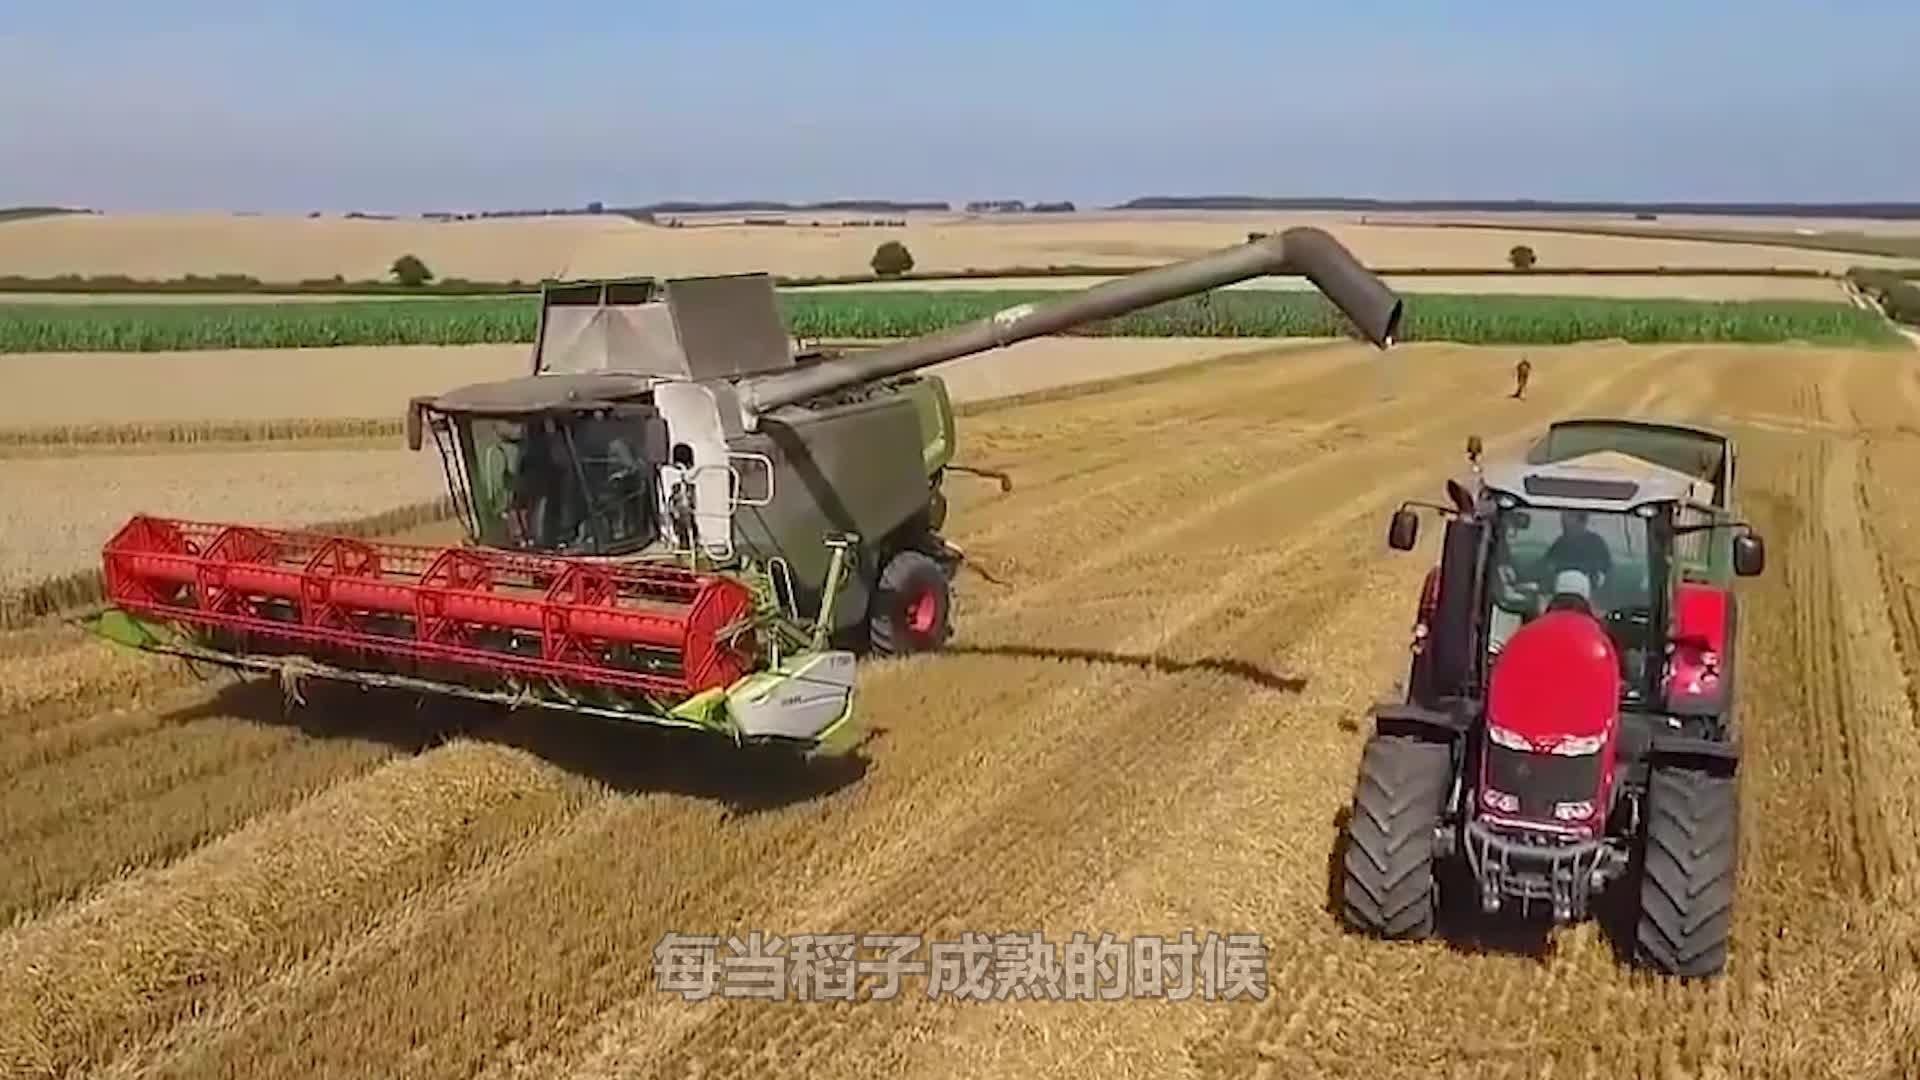 日本是这样收稻谷的,百亩稻田一个人,大米装袋拉链一拉就装车